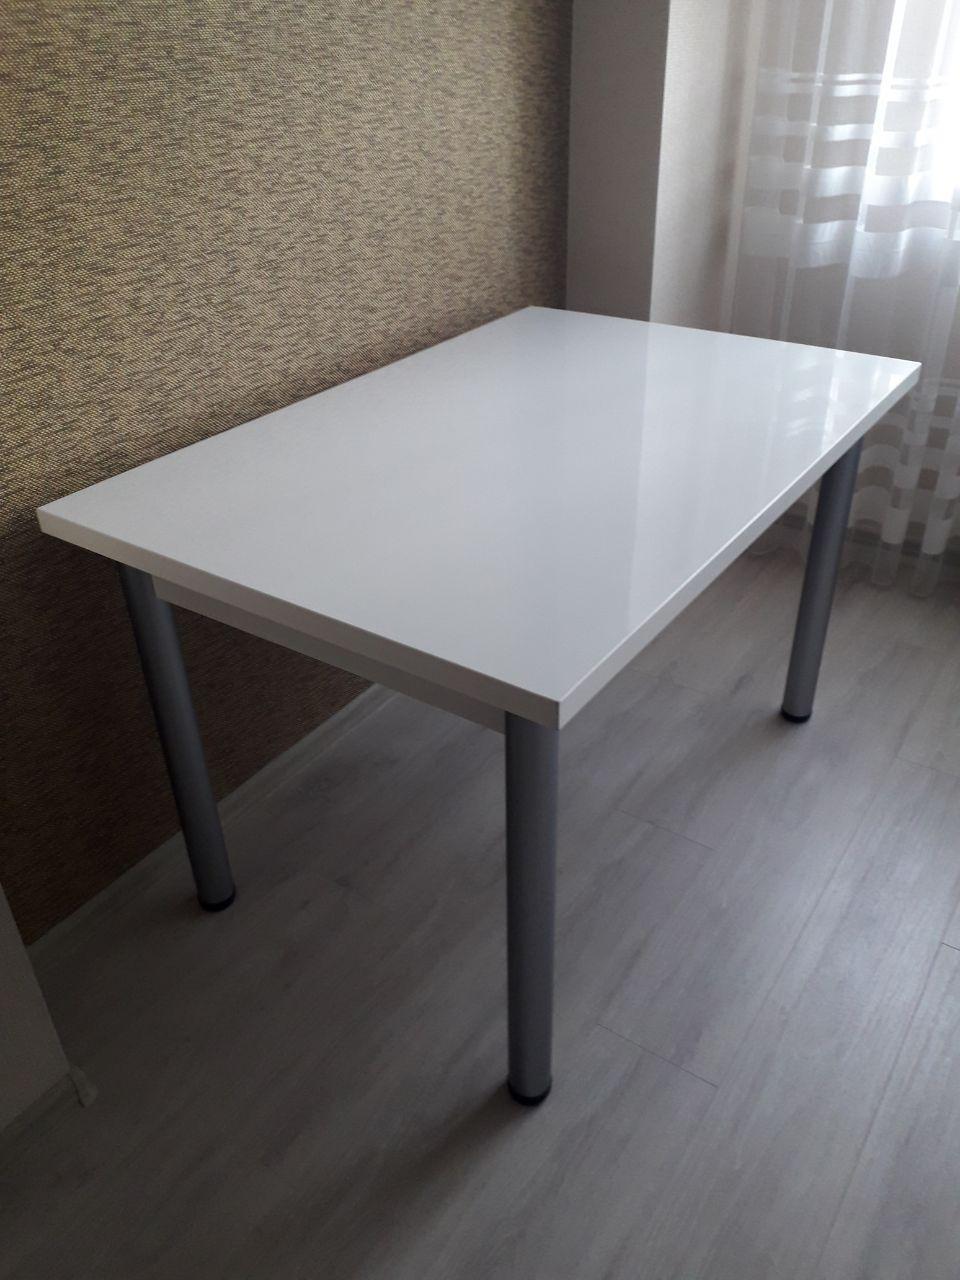 Стіл кухонний білий пластик (120х80х75 см)